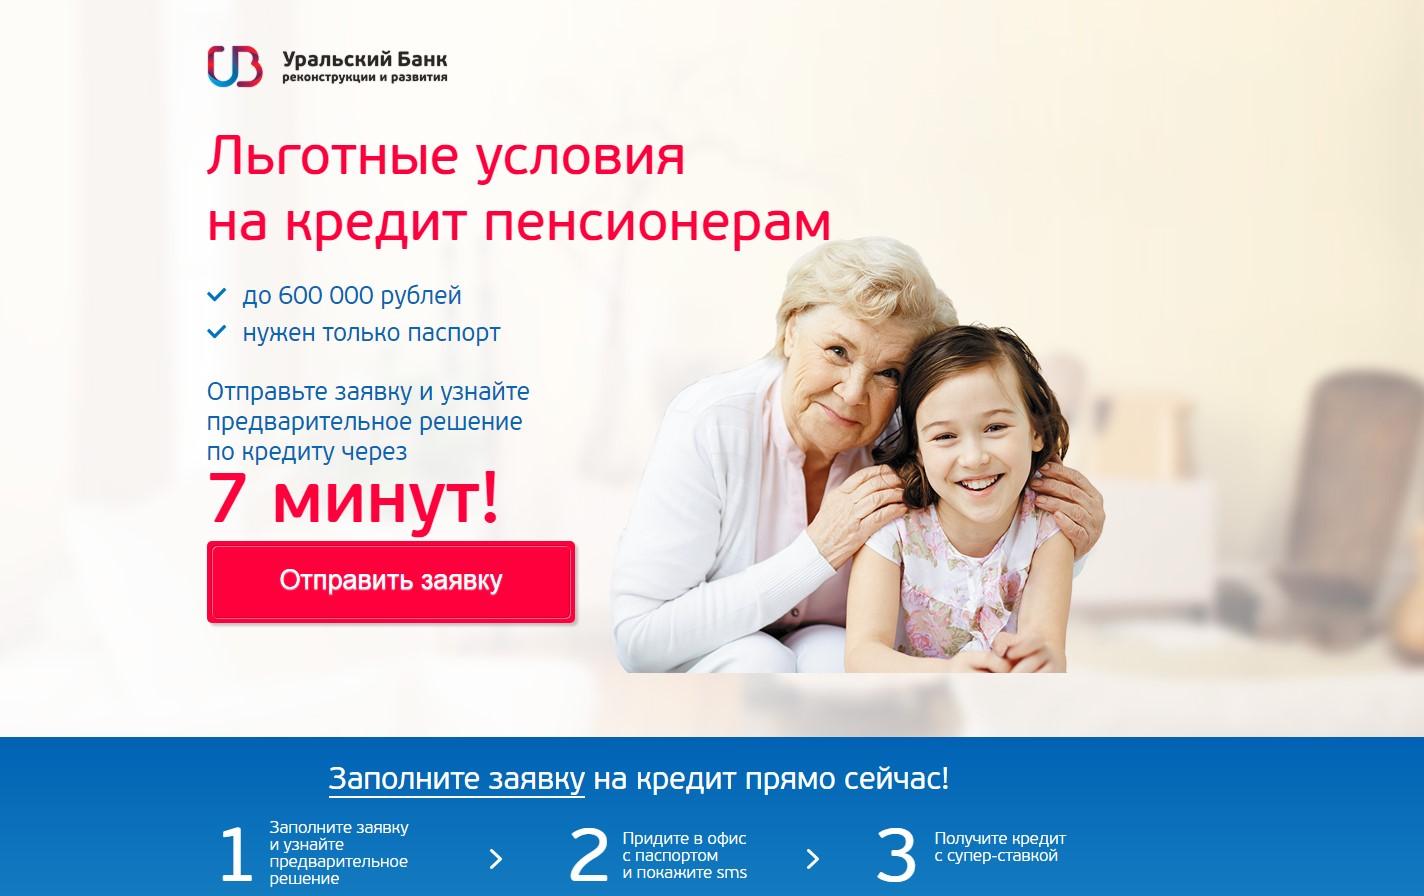 Условия выдачи в Уральском банке